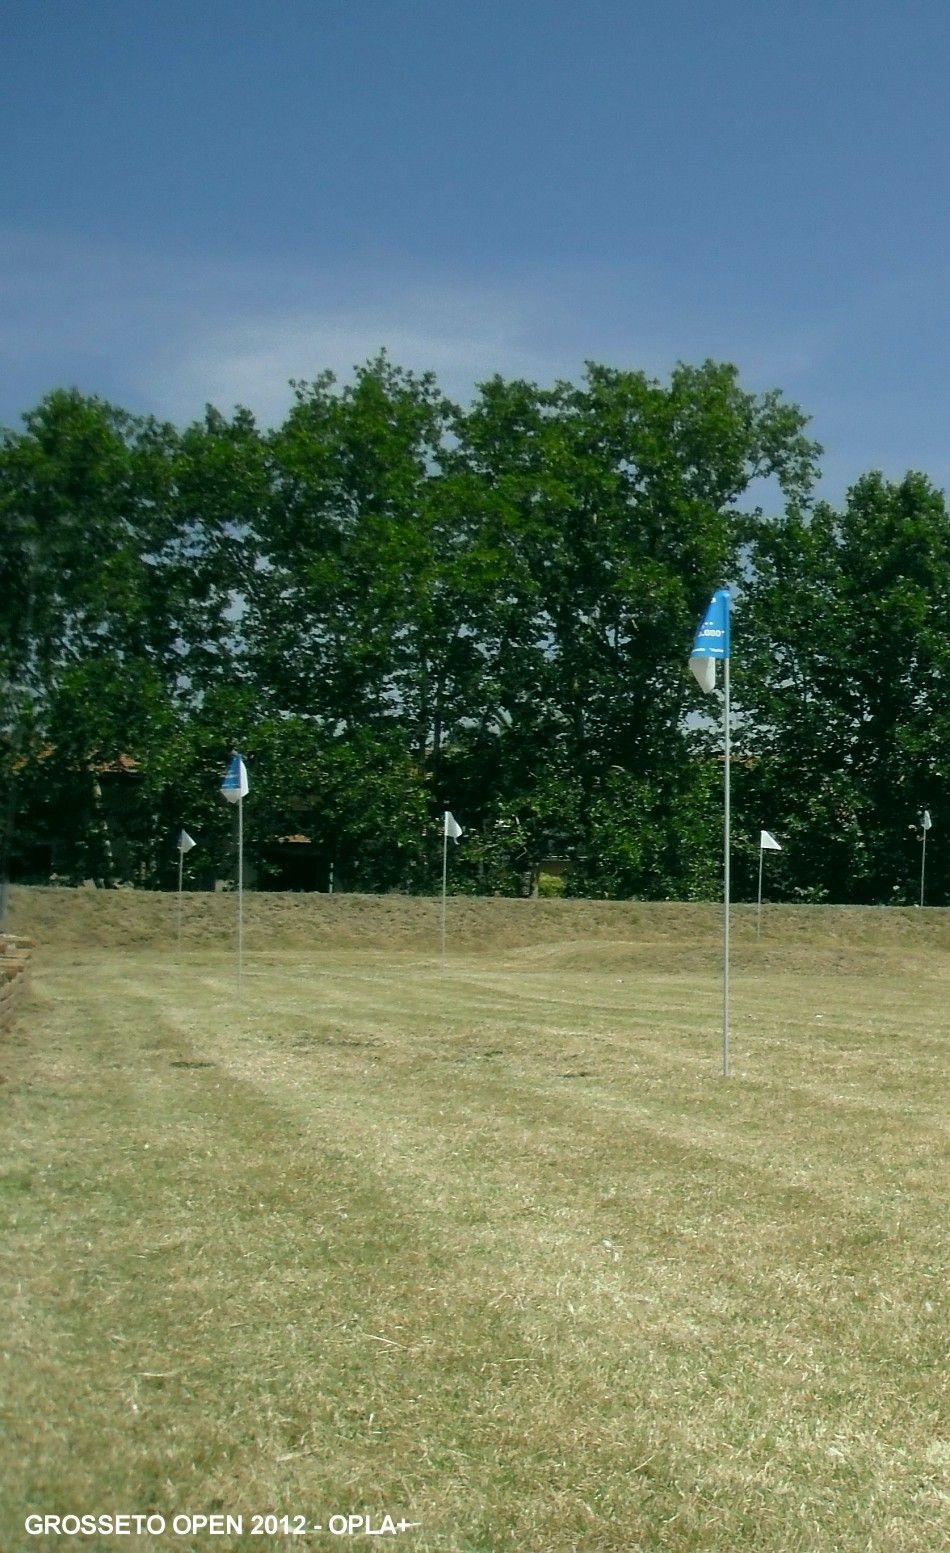 grosseto open 2012